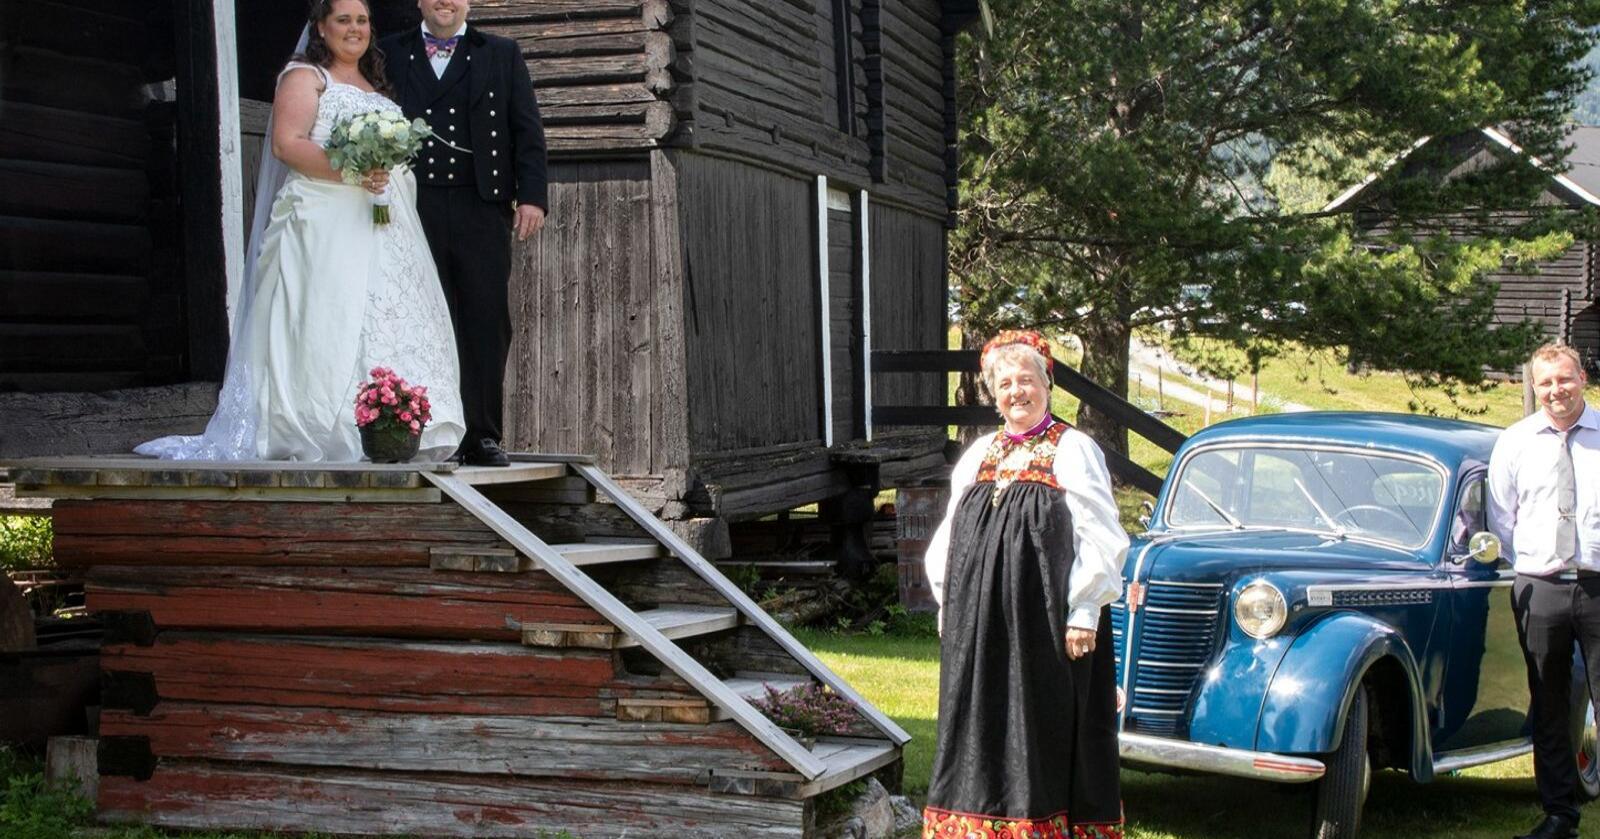 Det er bryllup på gården Rødningen i Nesbyen, og Endre Bråthen Kvannefoss har akkurat kommet hjem fra kirken med sin flotte brud Oda Høgvold. Foto: Oskar Puschmann, NIBIO.